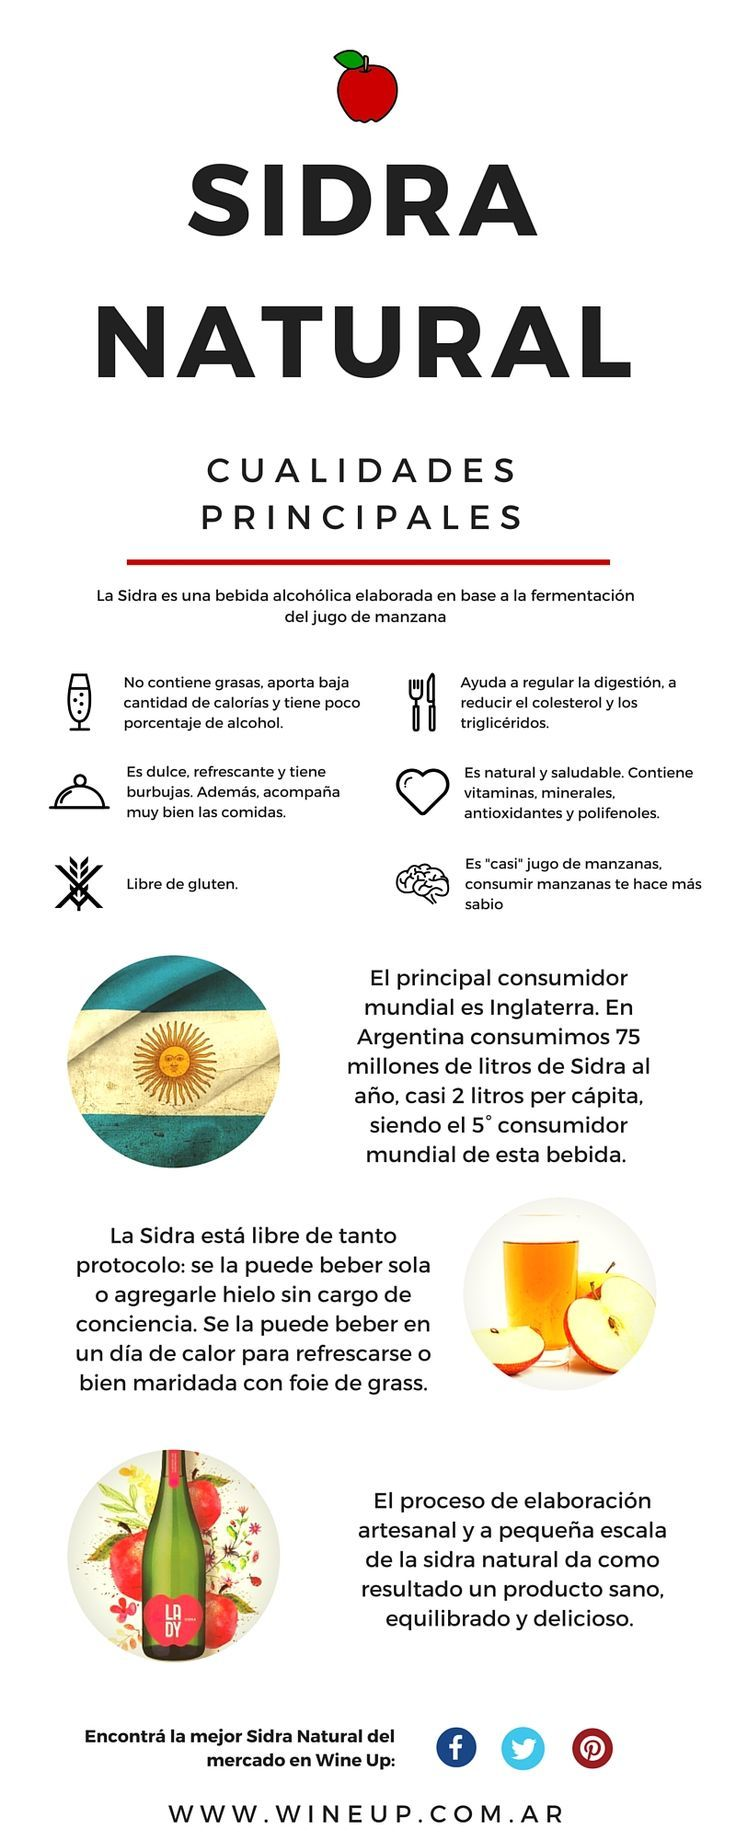 la Sidra Natural - Wine Up - Mendoza, Argentina